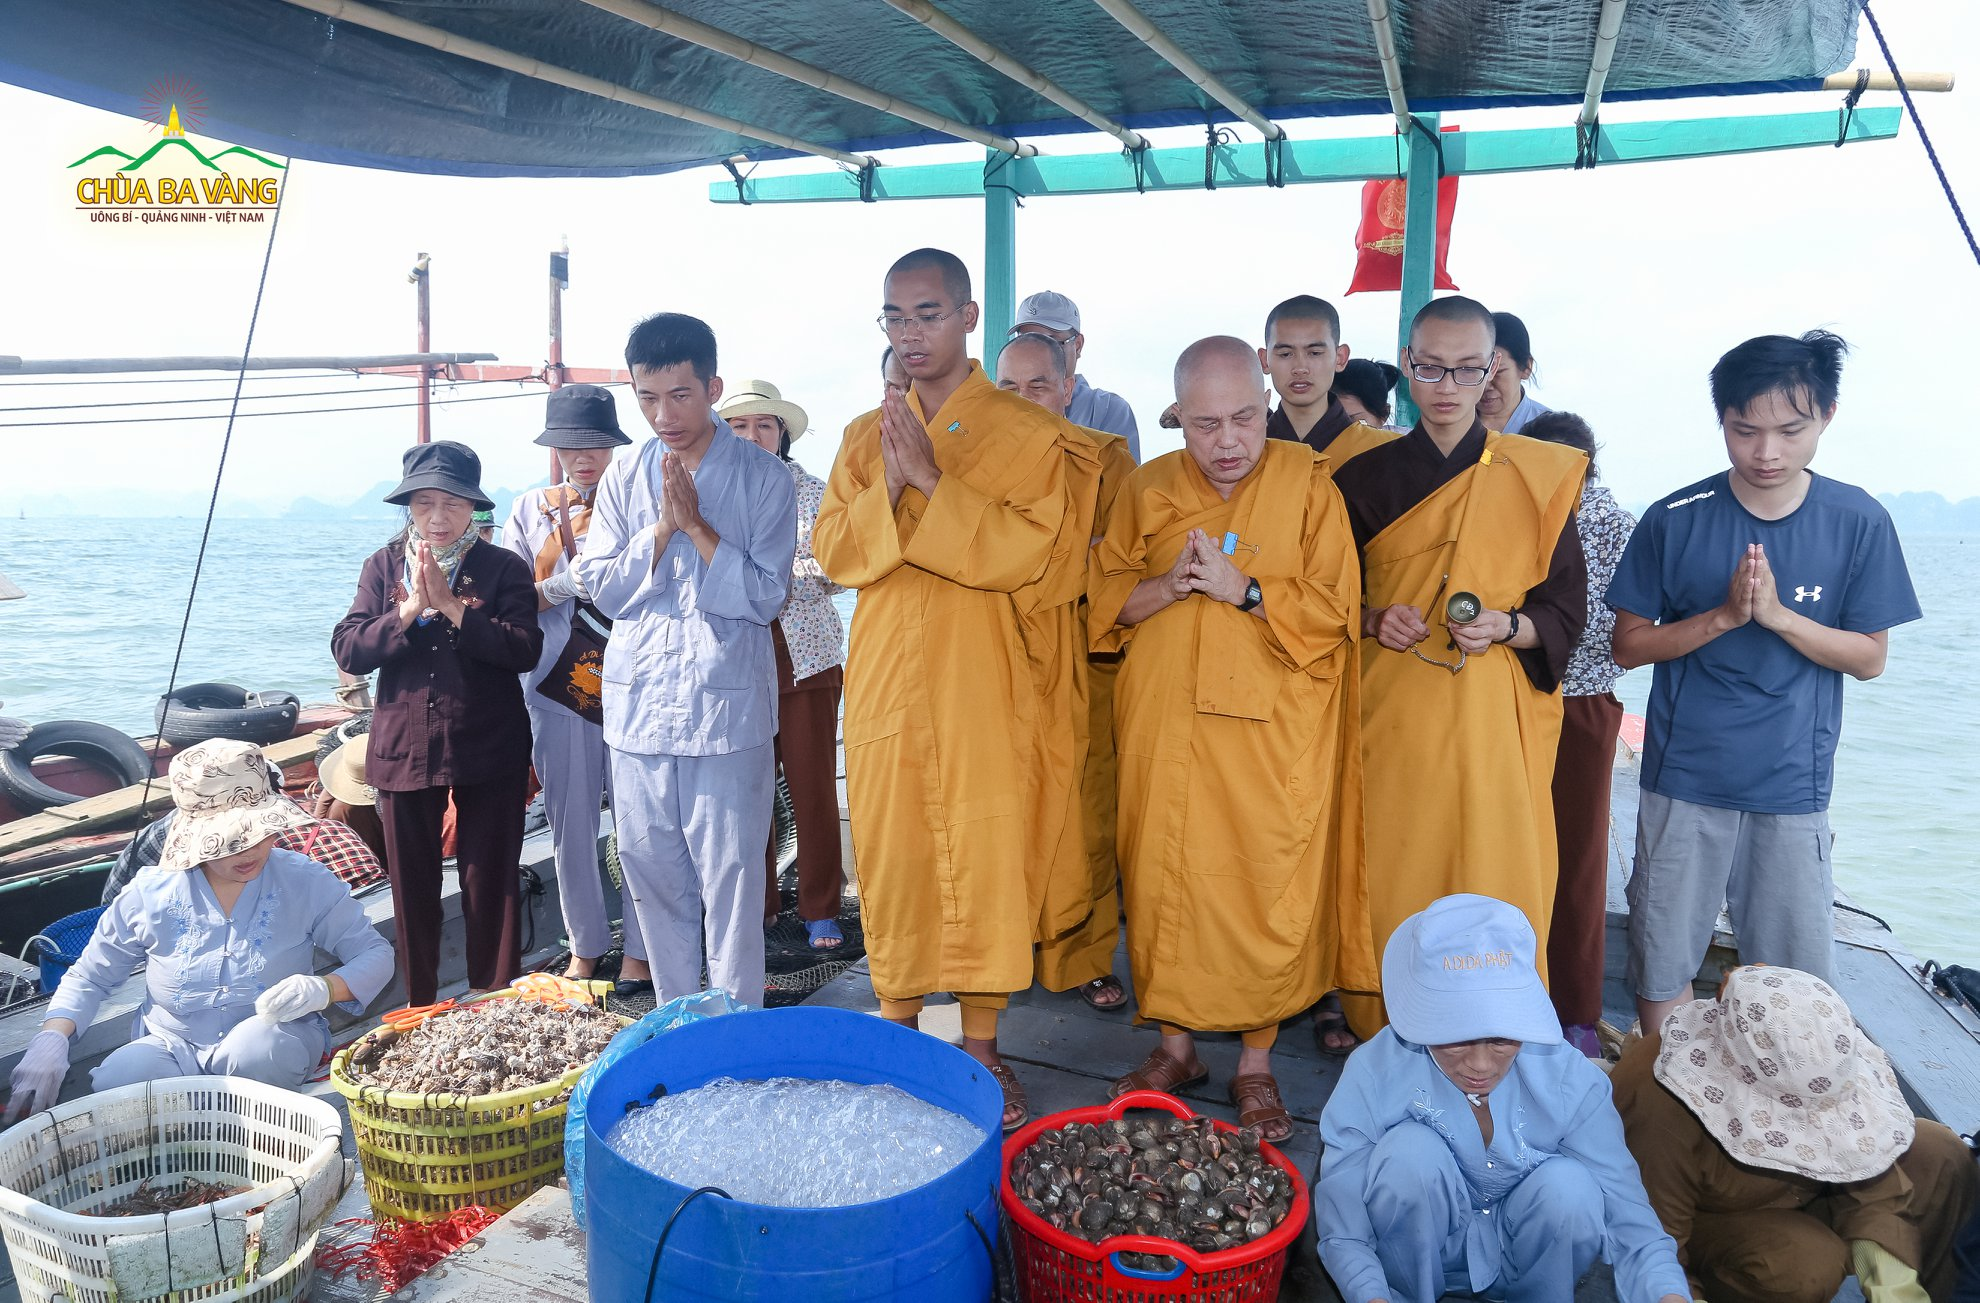 Trước khi phóng sinh các con vật, chư Tăng chùa Ba Vàng đã tác lễ sám hối và quy y Tam Bảo cho chúng, giúp các con vật được kết duyên lành với Tam Bảo.